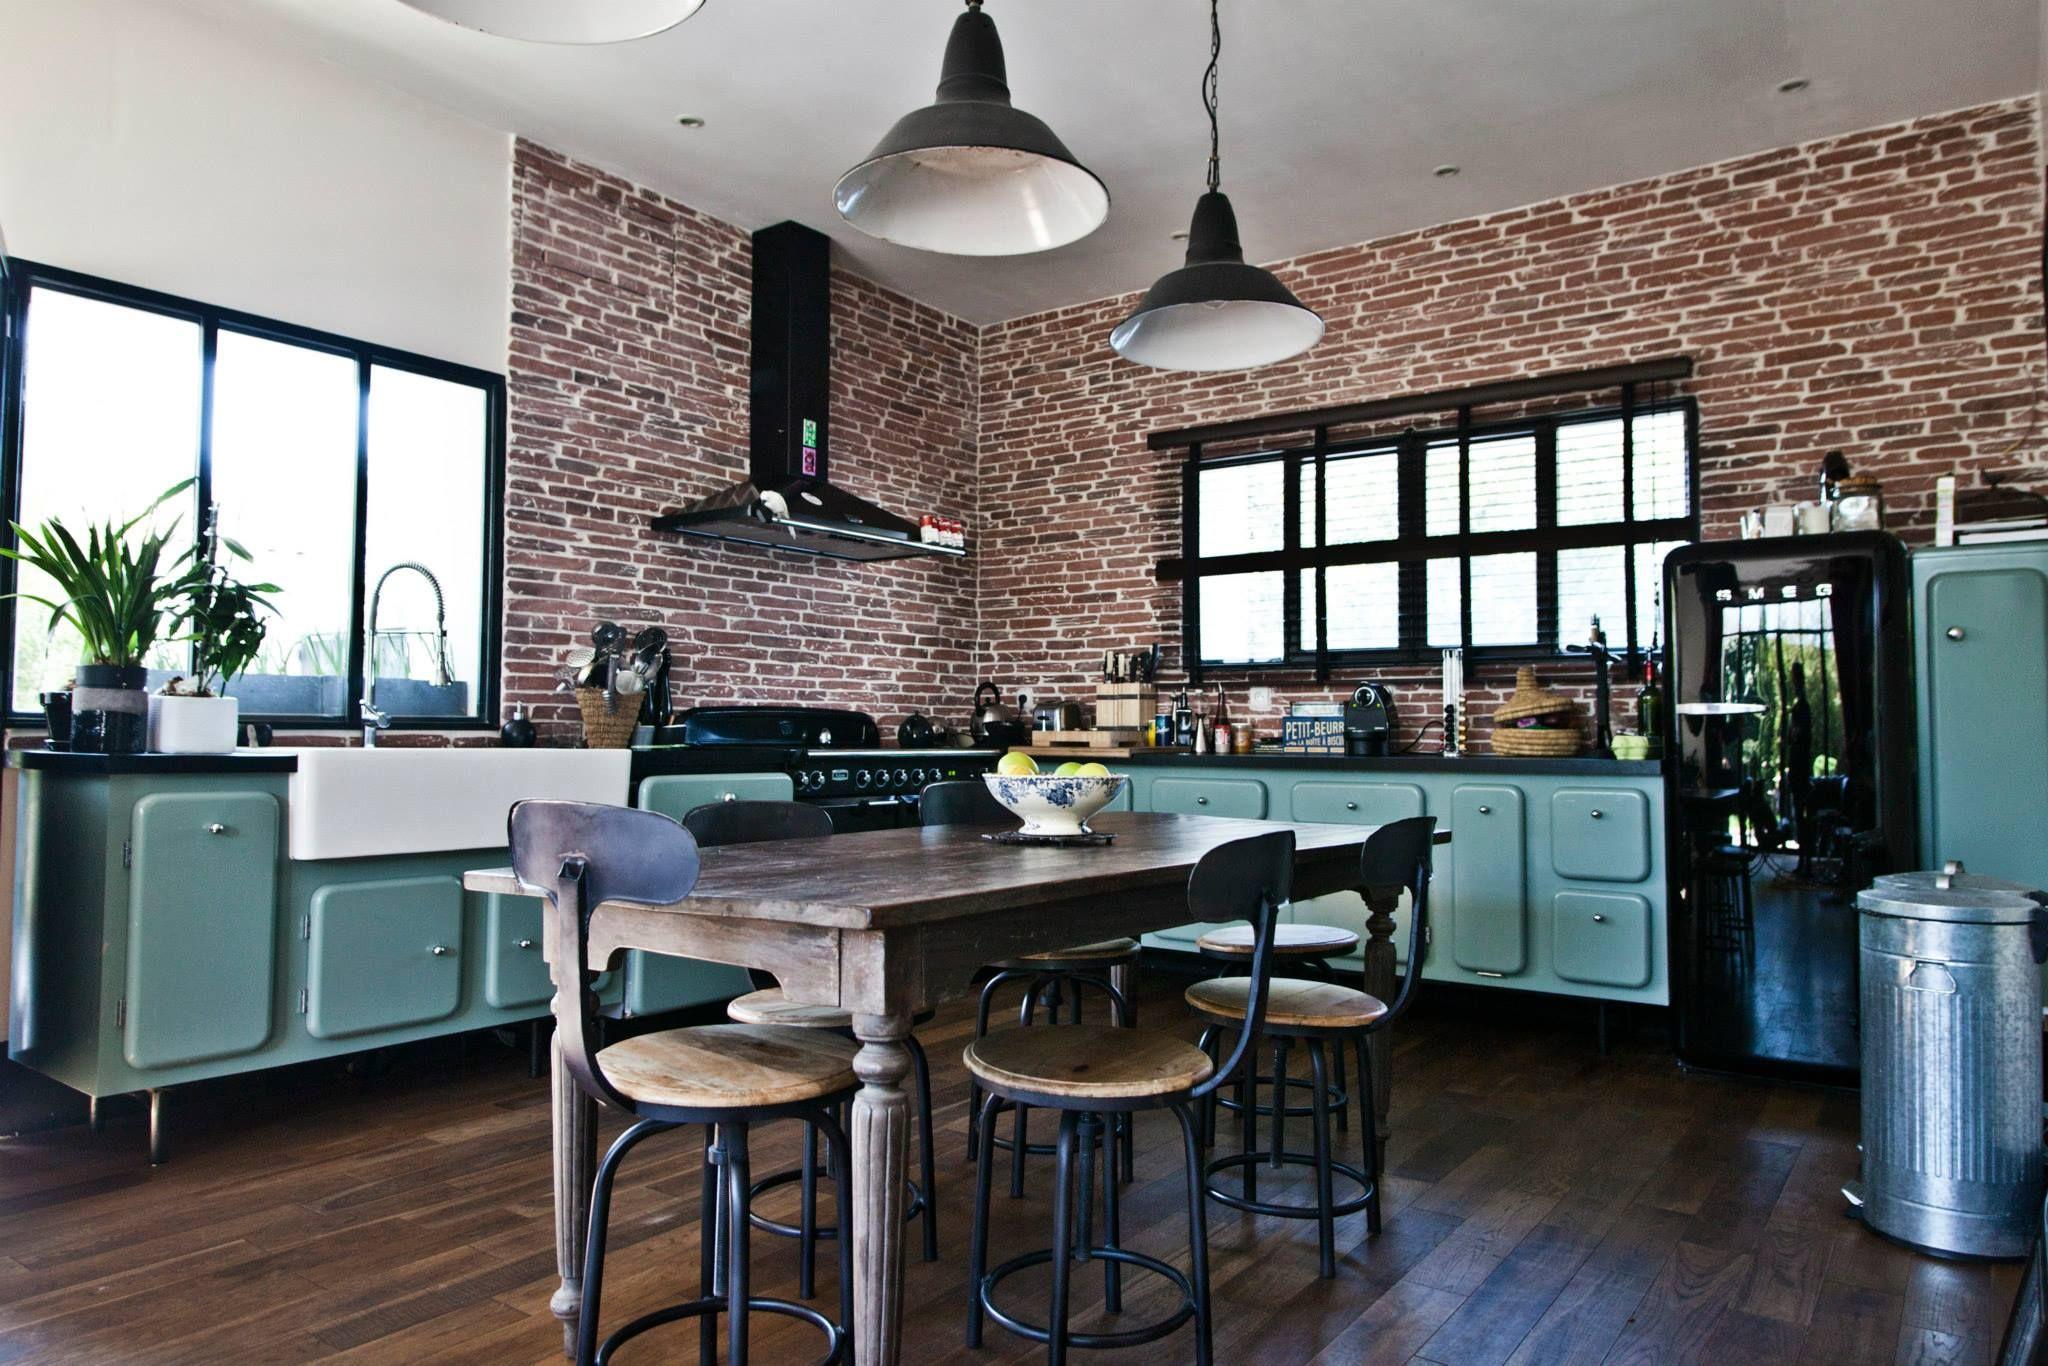 cuisine m lange style industriel ann es 50 christophe taureau architecte menuisier emmanuel. Black Bedroom Furniture Sets. Home Design Ideas